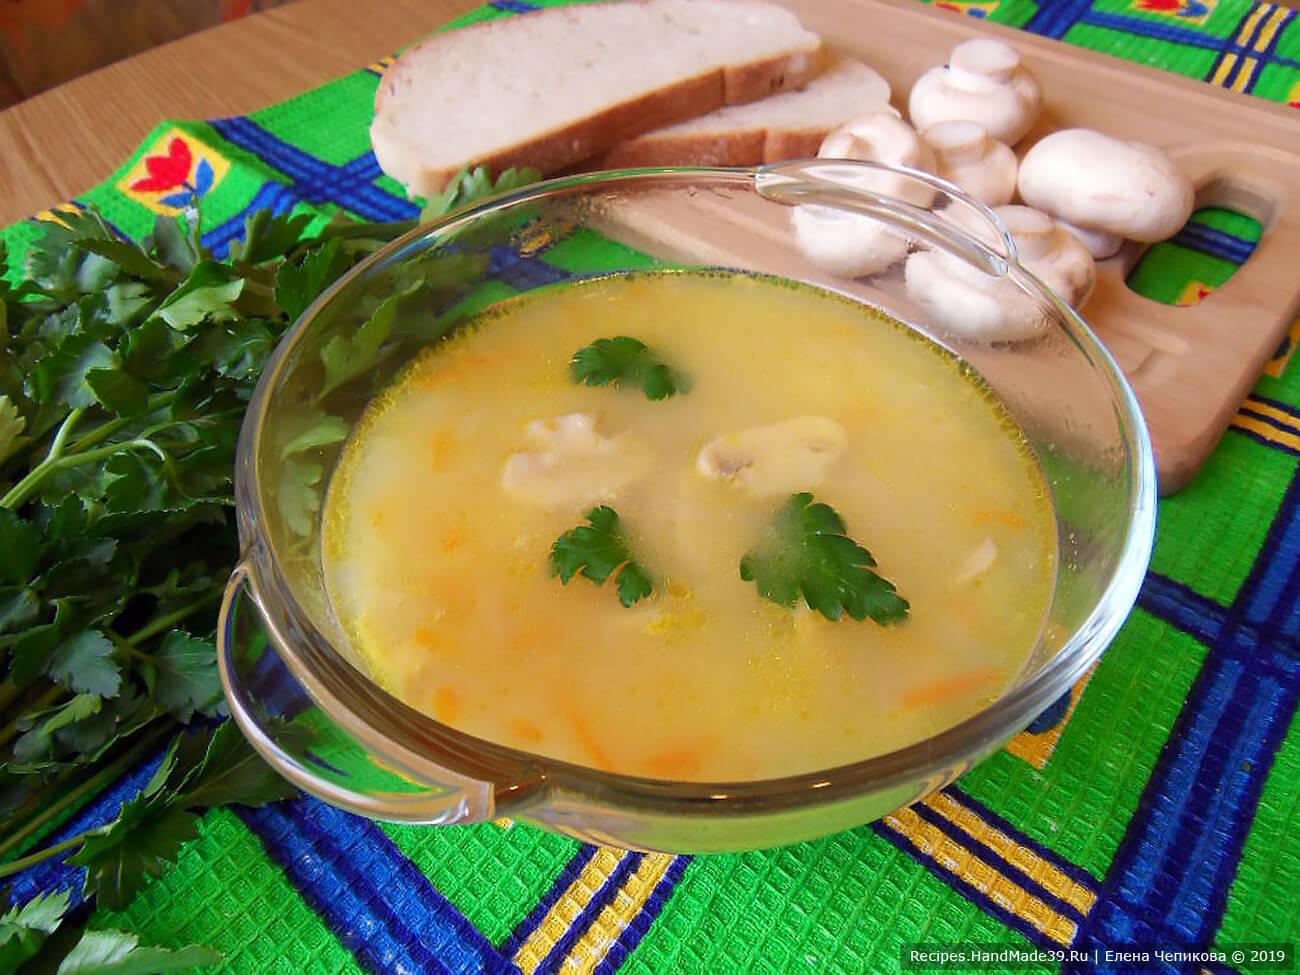 Готовый грибной сырный суп на мясном бульоне поперчить и подавать с зеленью. Приятного аппетита!